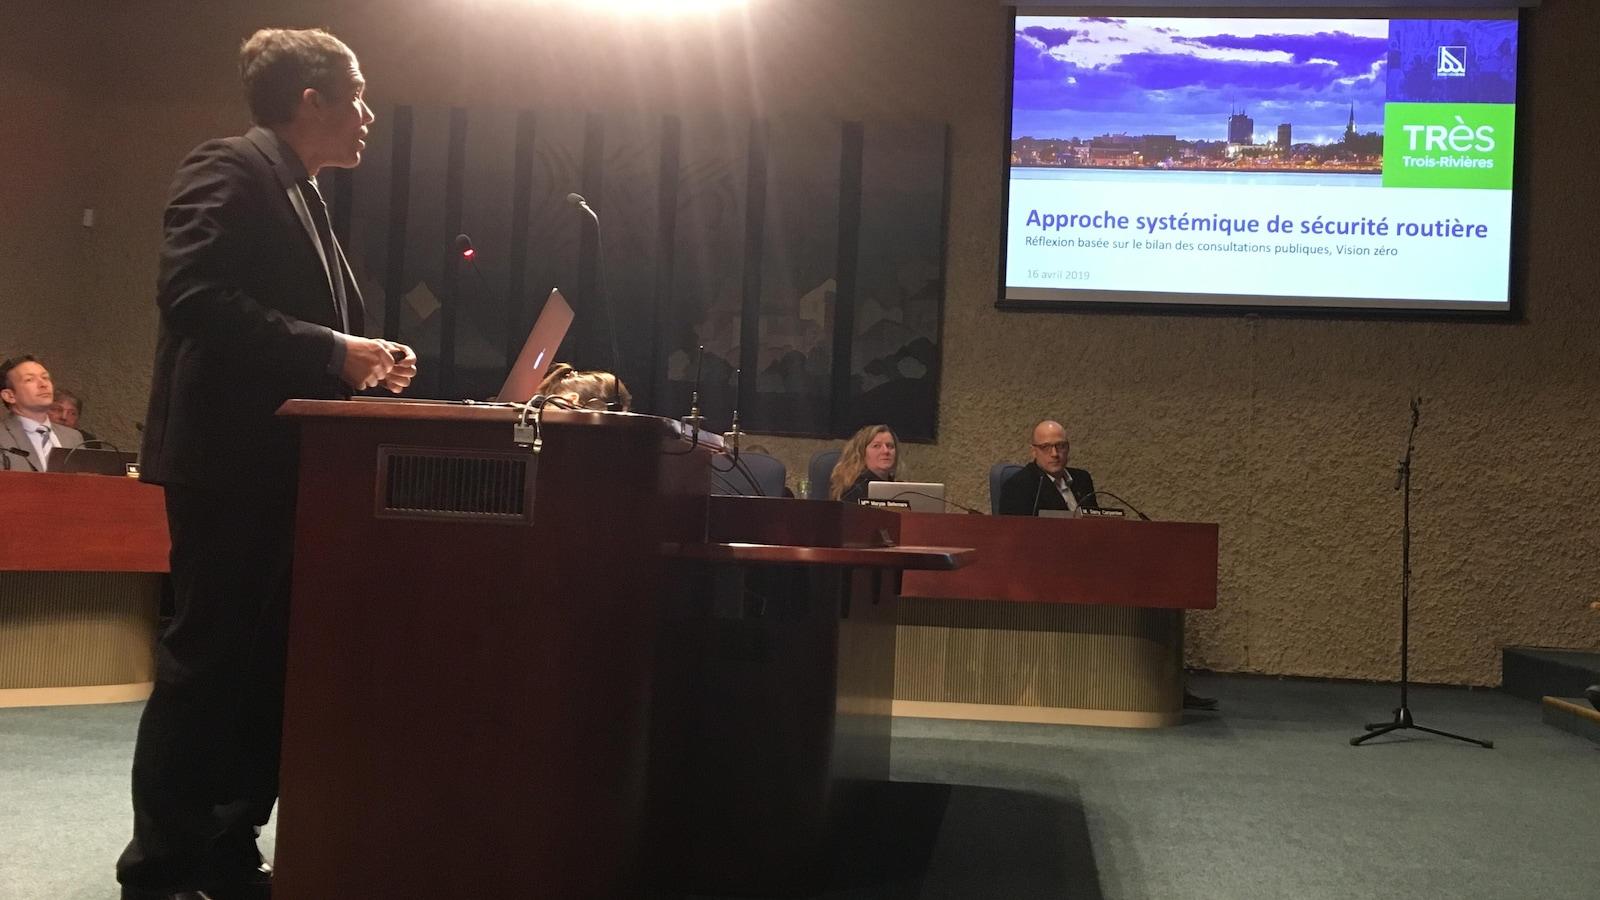 Un homme se tient derrière un bureau, il fait une présentation avec des images projetées sur une toile dans une salle de conseil municipal.